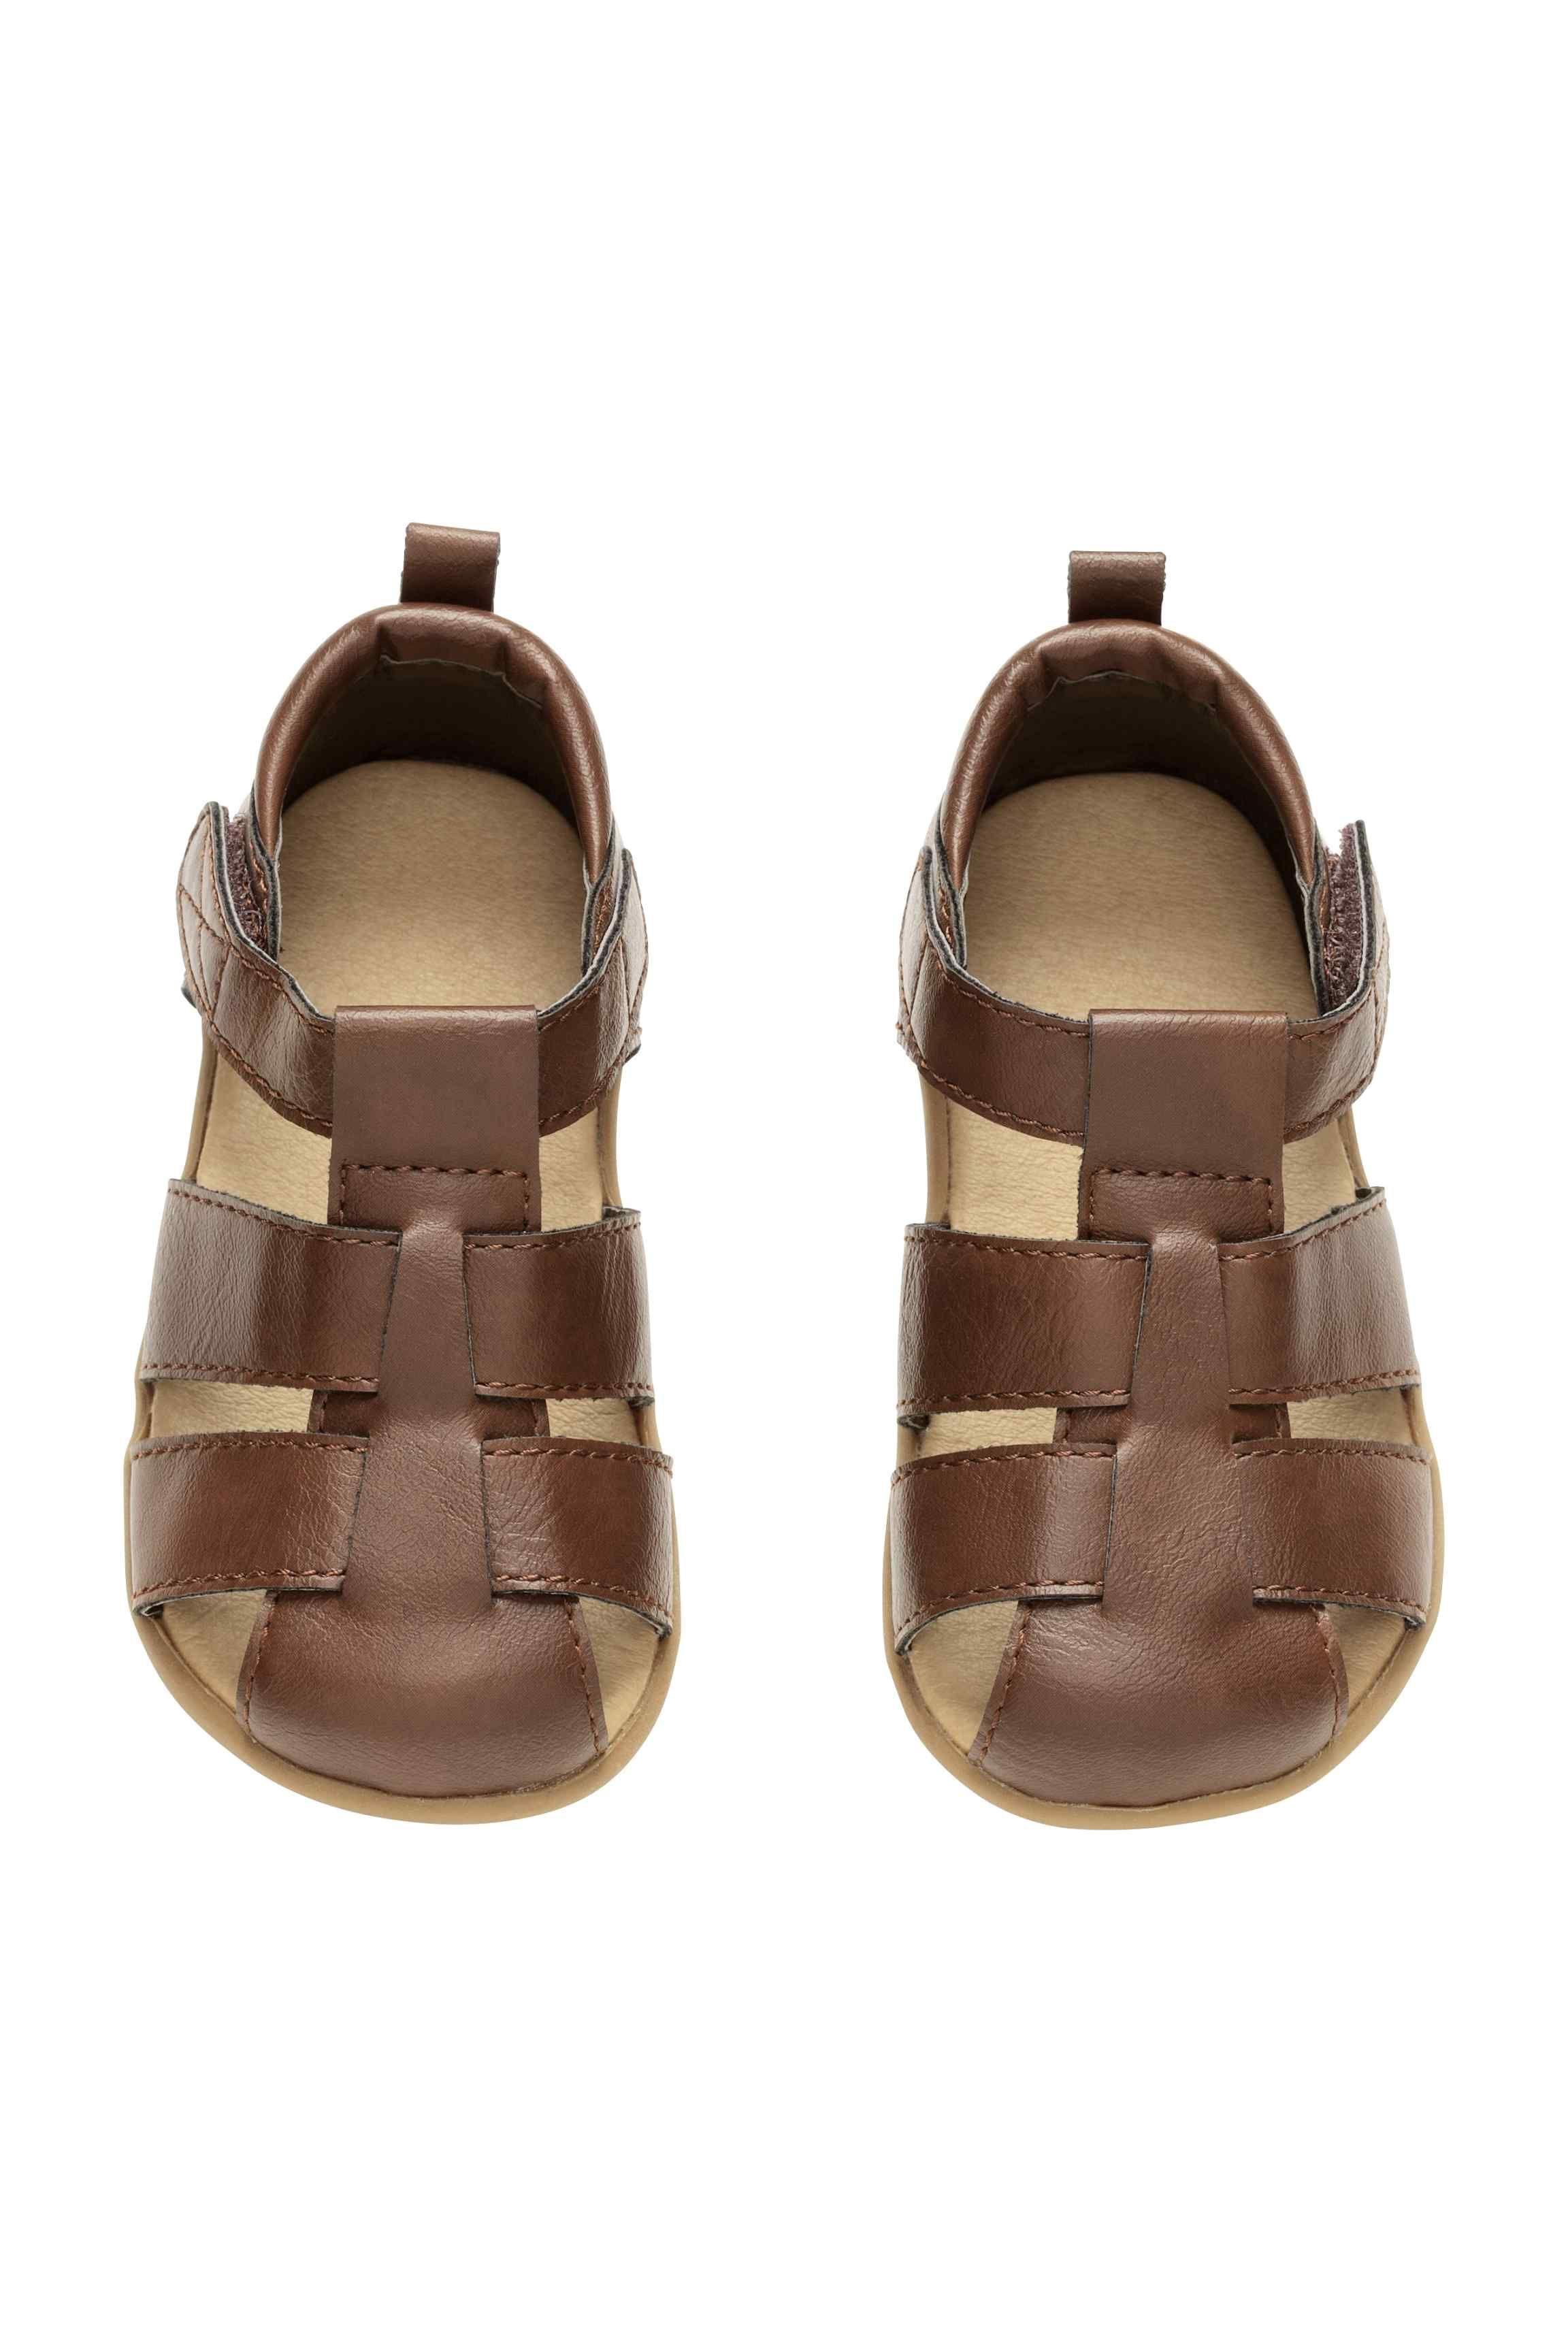 Sandaly Ciemnobrazowy H M Pl Vegan Leather Shoes Sandals Vegan Shoes